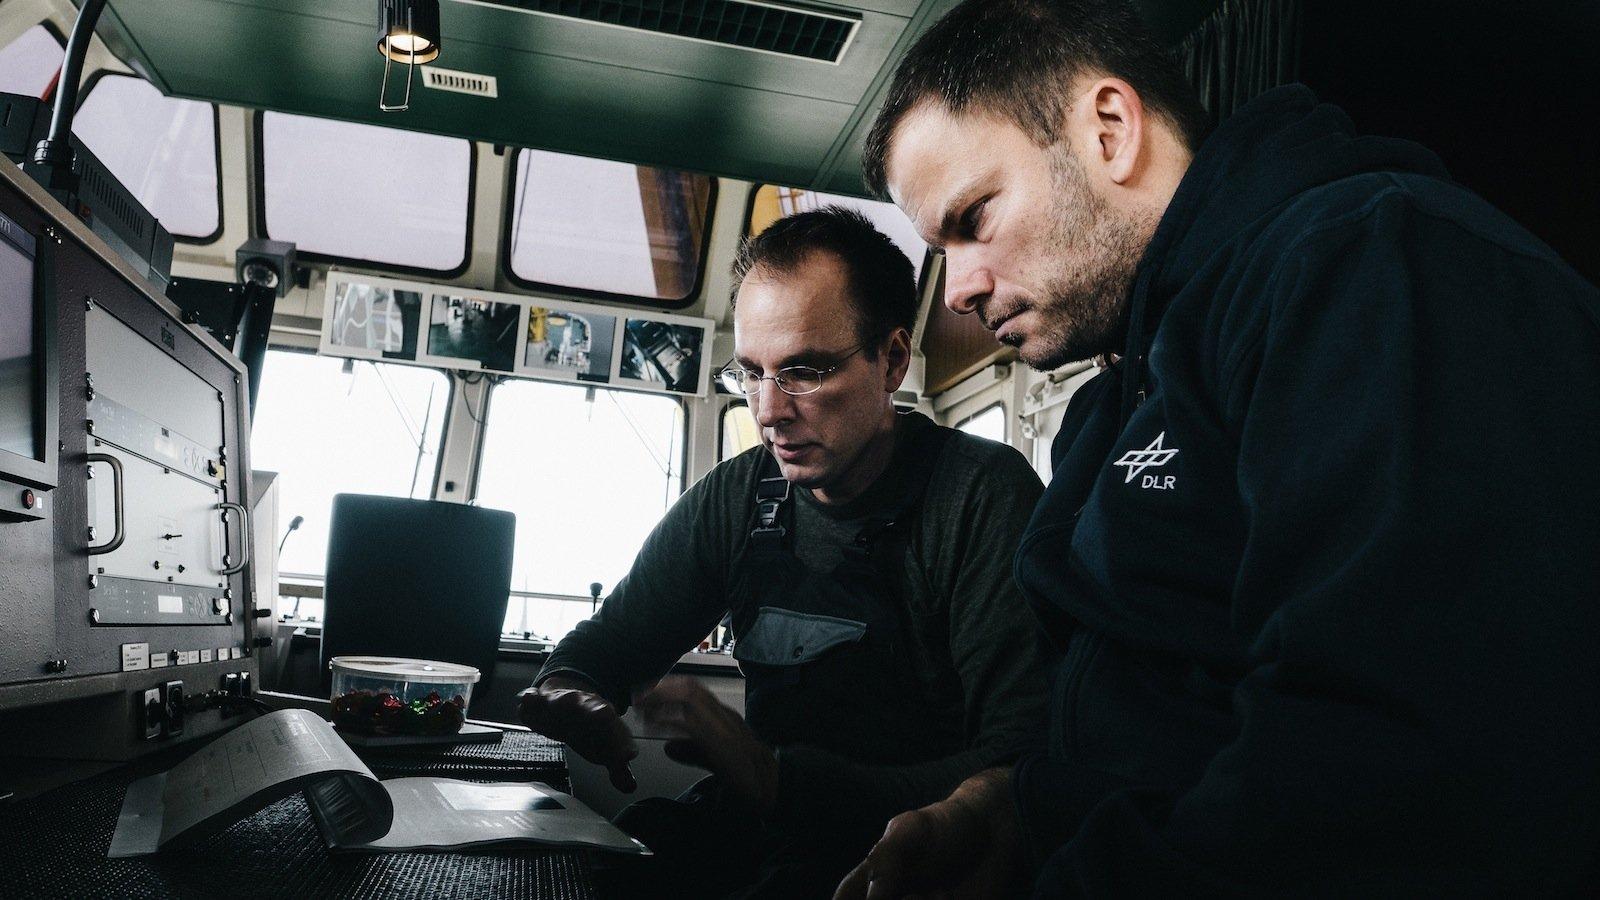 Für eine Messkampagne mit zwei Schiffen in der Nordsee hatten die Wisssenschaftler des DLR verschiedene Szenarien entworfen, die zwei Schiffen bei hohem Wellengang vor Helgoland abfahren sollten. Dabei wurde der Übertragungskanal im Breitbandbereich untersucht.